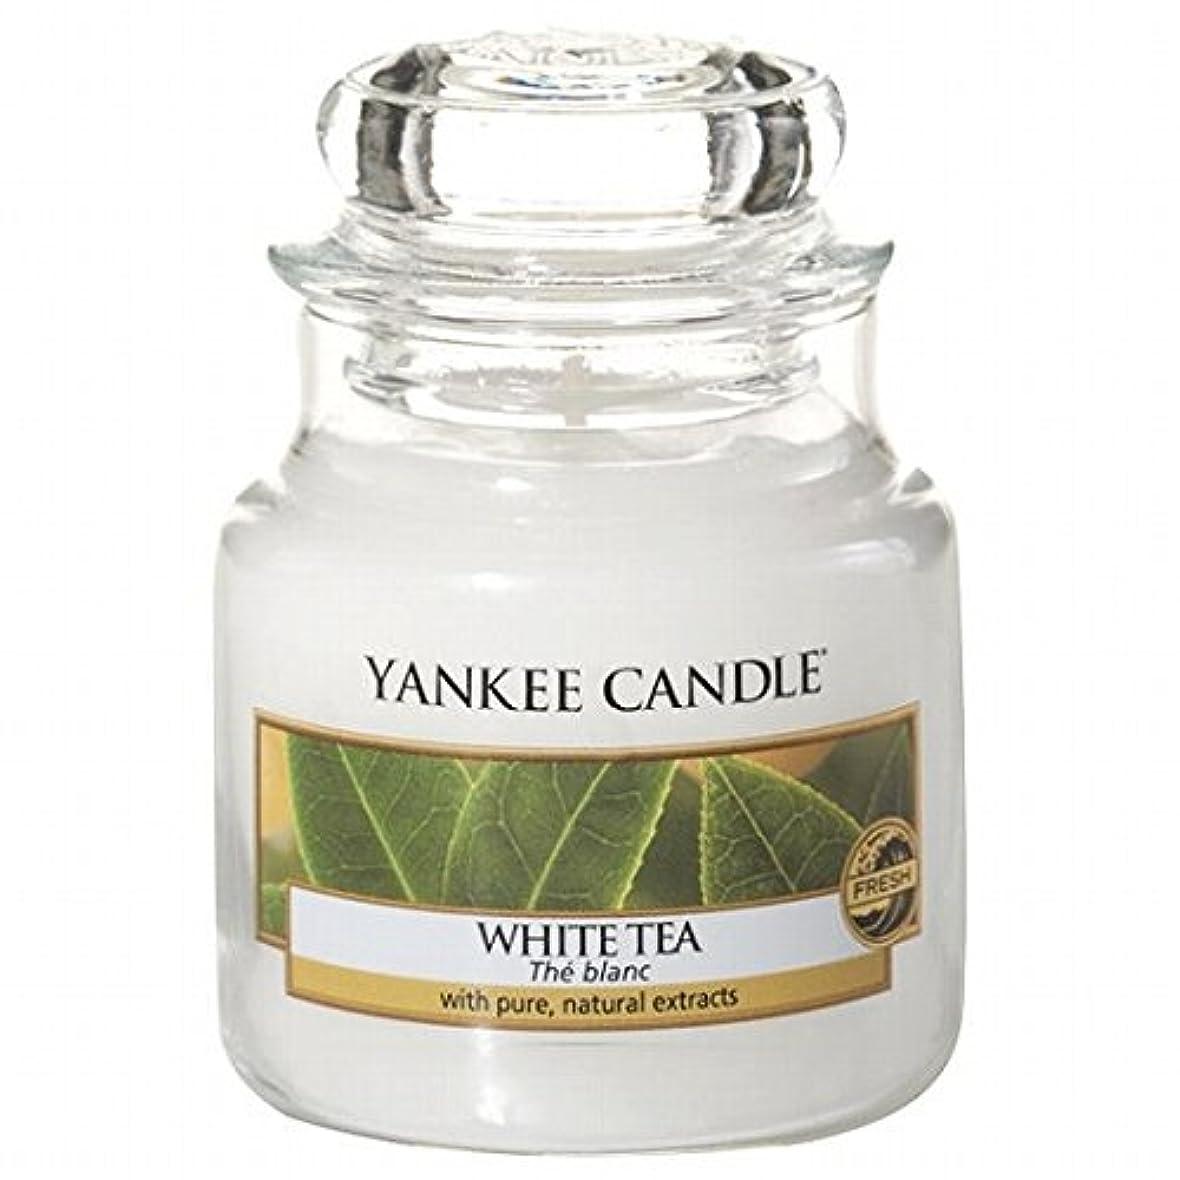 ヤンキーキャンドル(YANKEE CANDLE) YANKEE CANDLE ジャーS 「ホワイトティー」